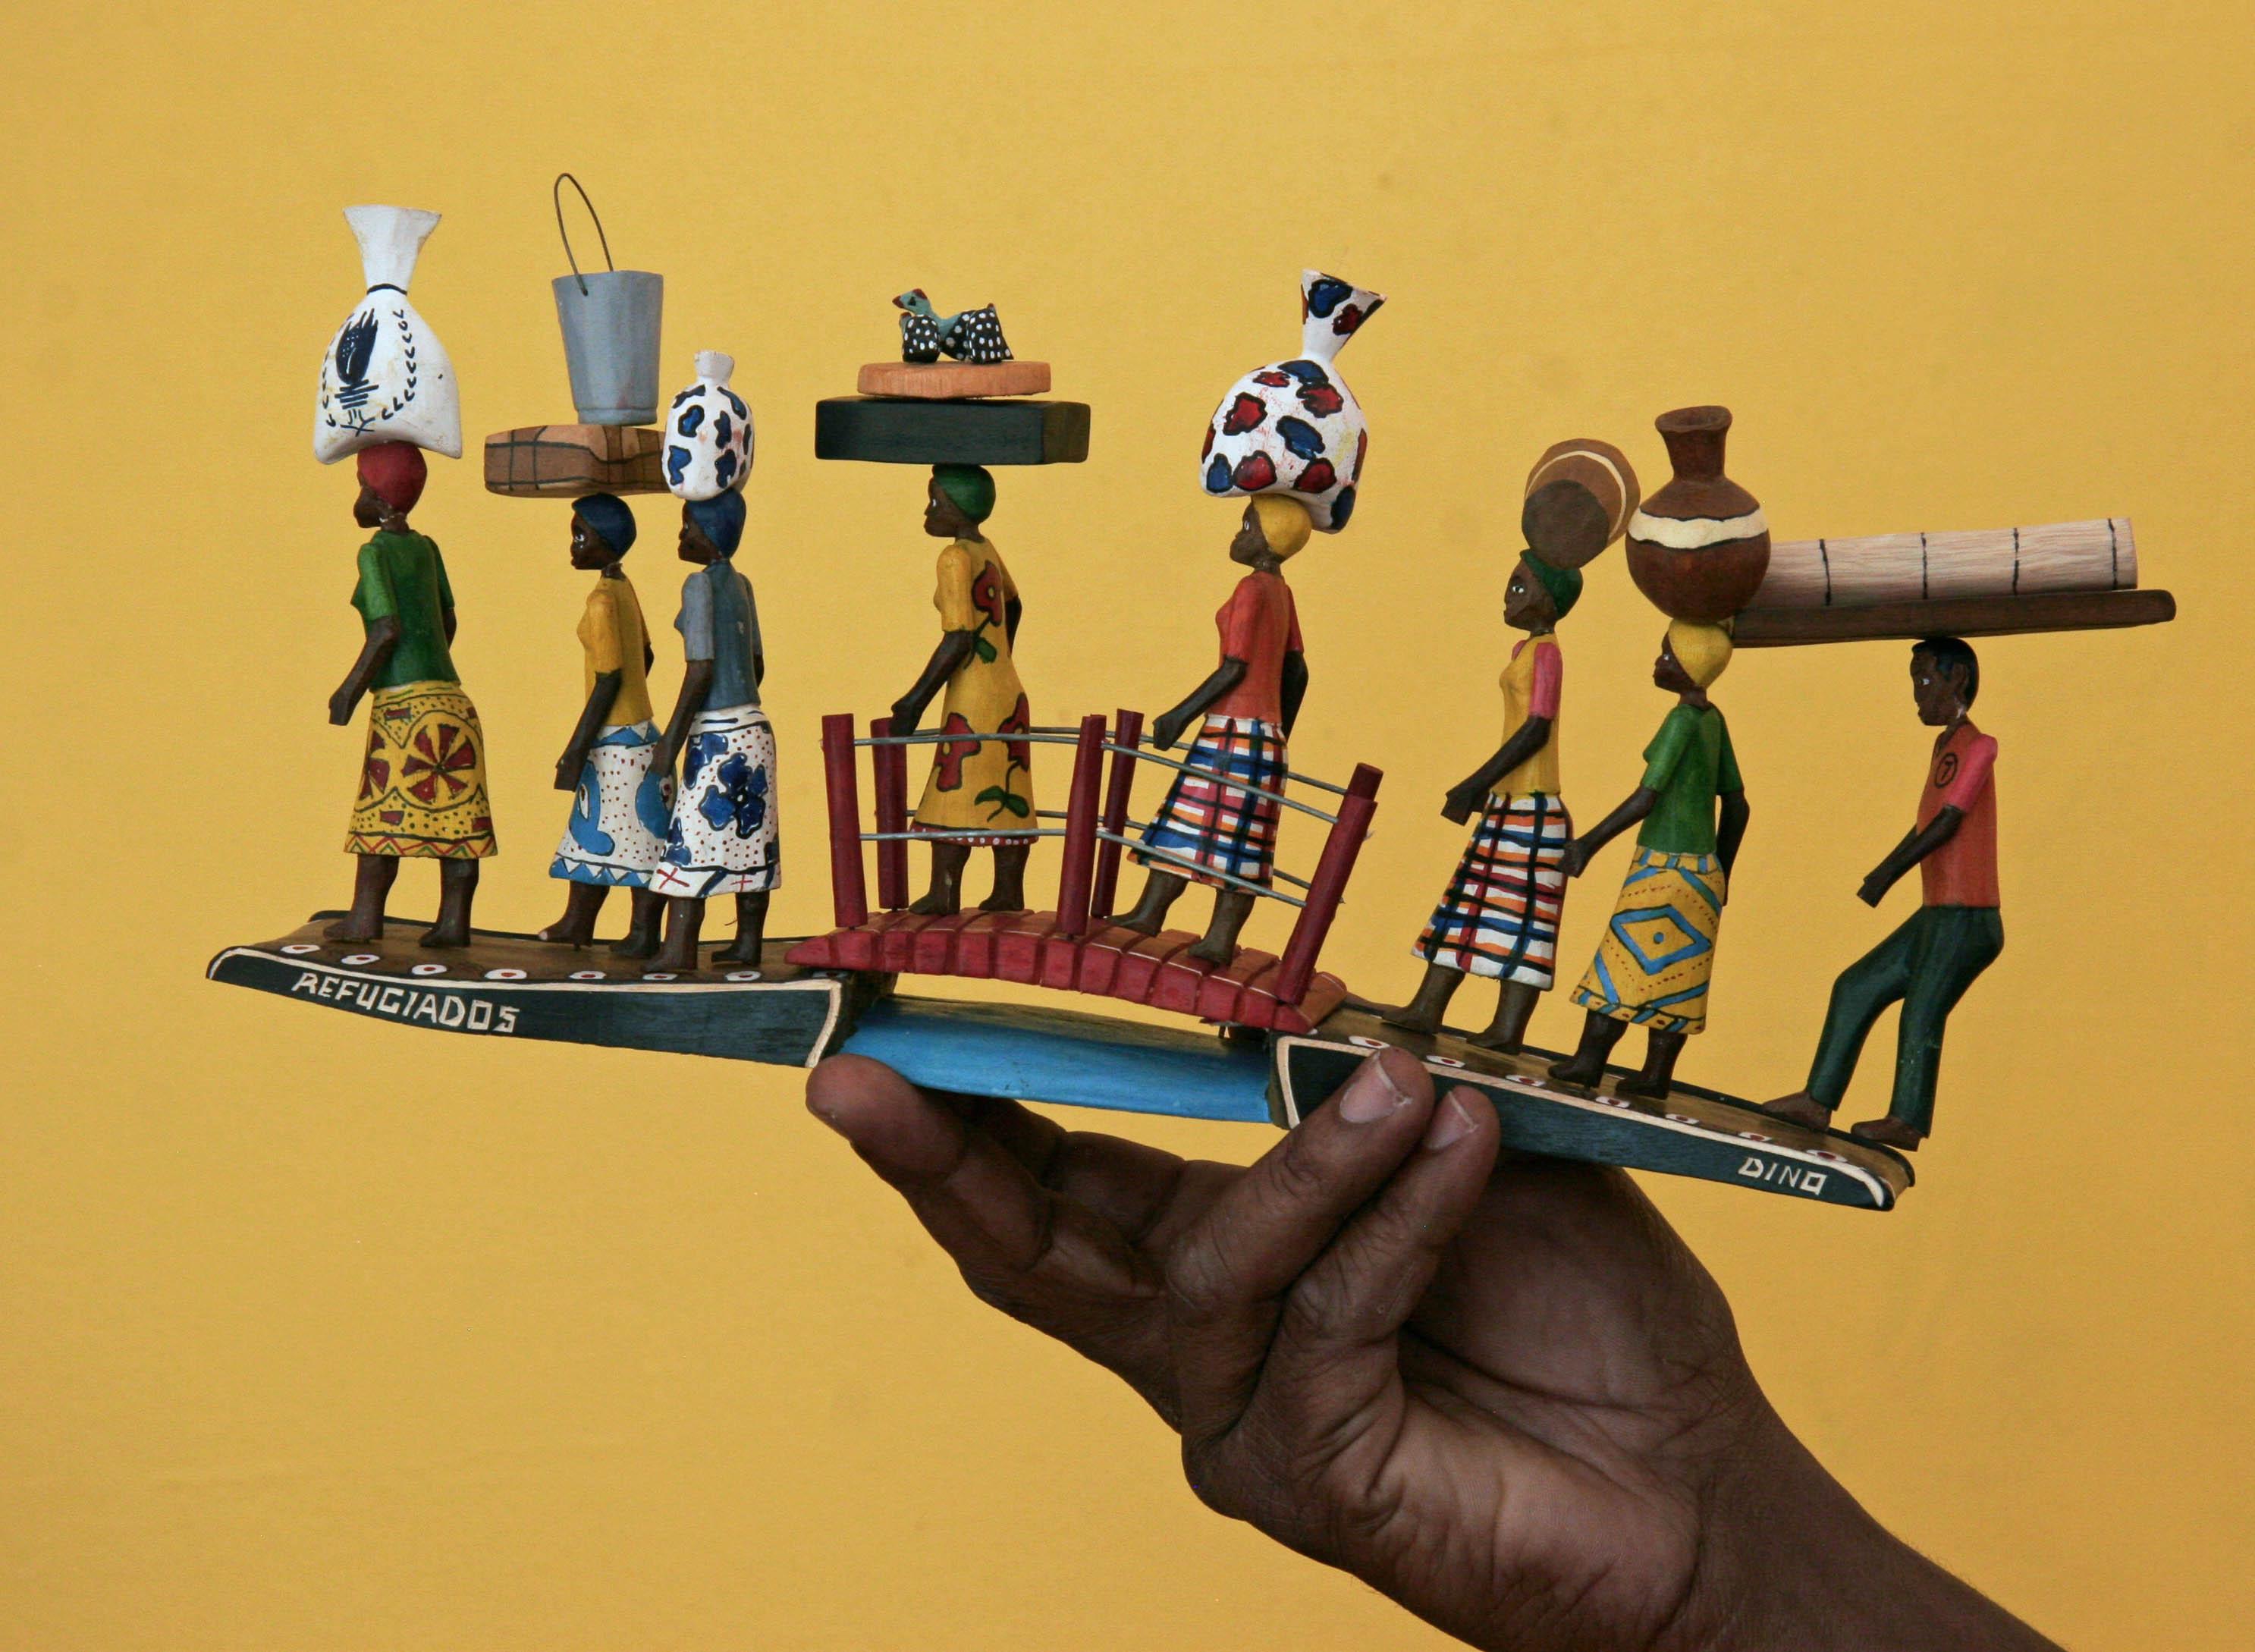 Caption: Refugiados (Refugees), 2013 by Camordino Mustafá Jethá (São Damanso, Maputo, Mozambique) Photo by Laura Marcus Green, courtesy of the Museum of International Folk Art